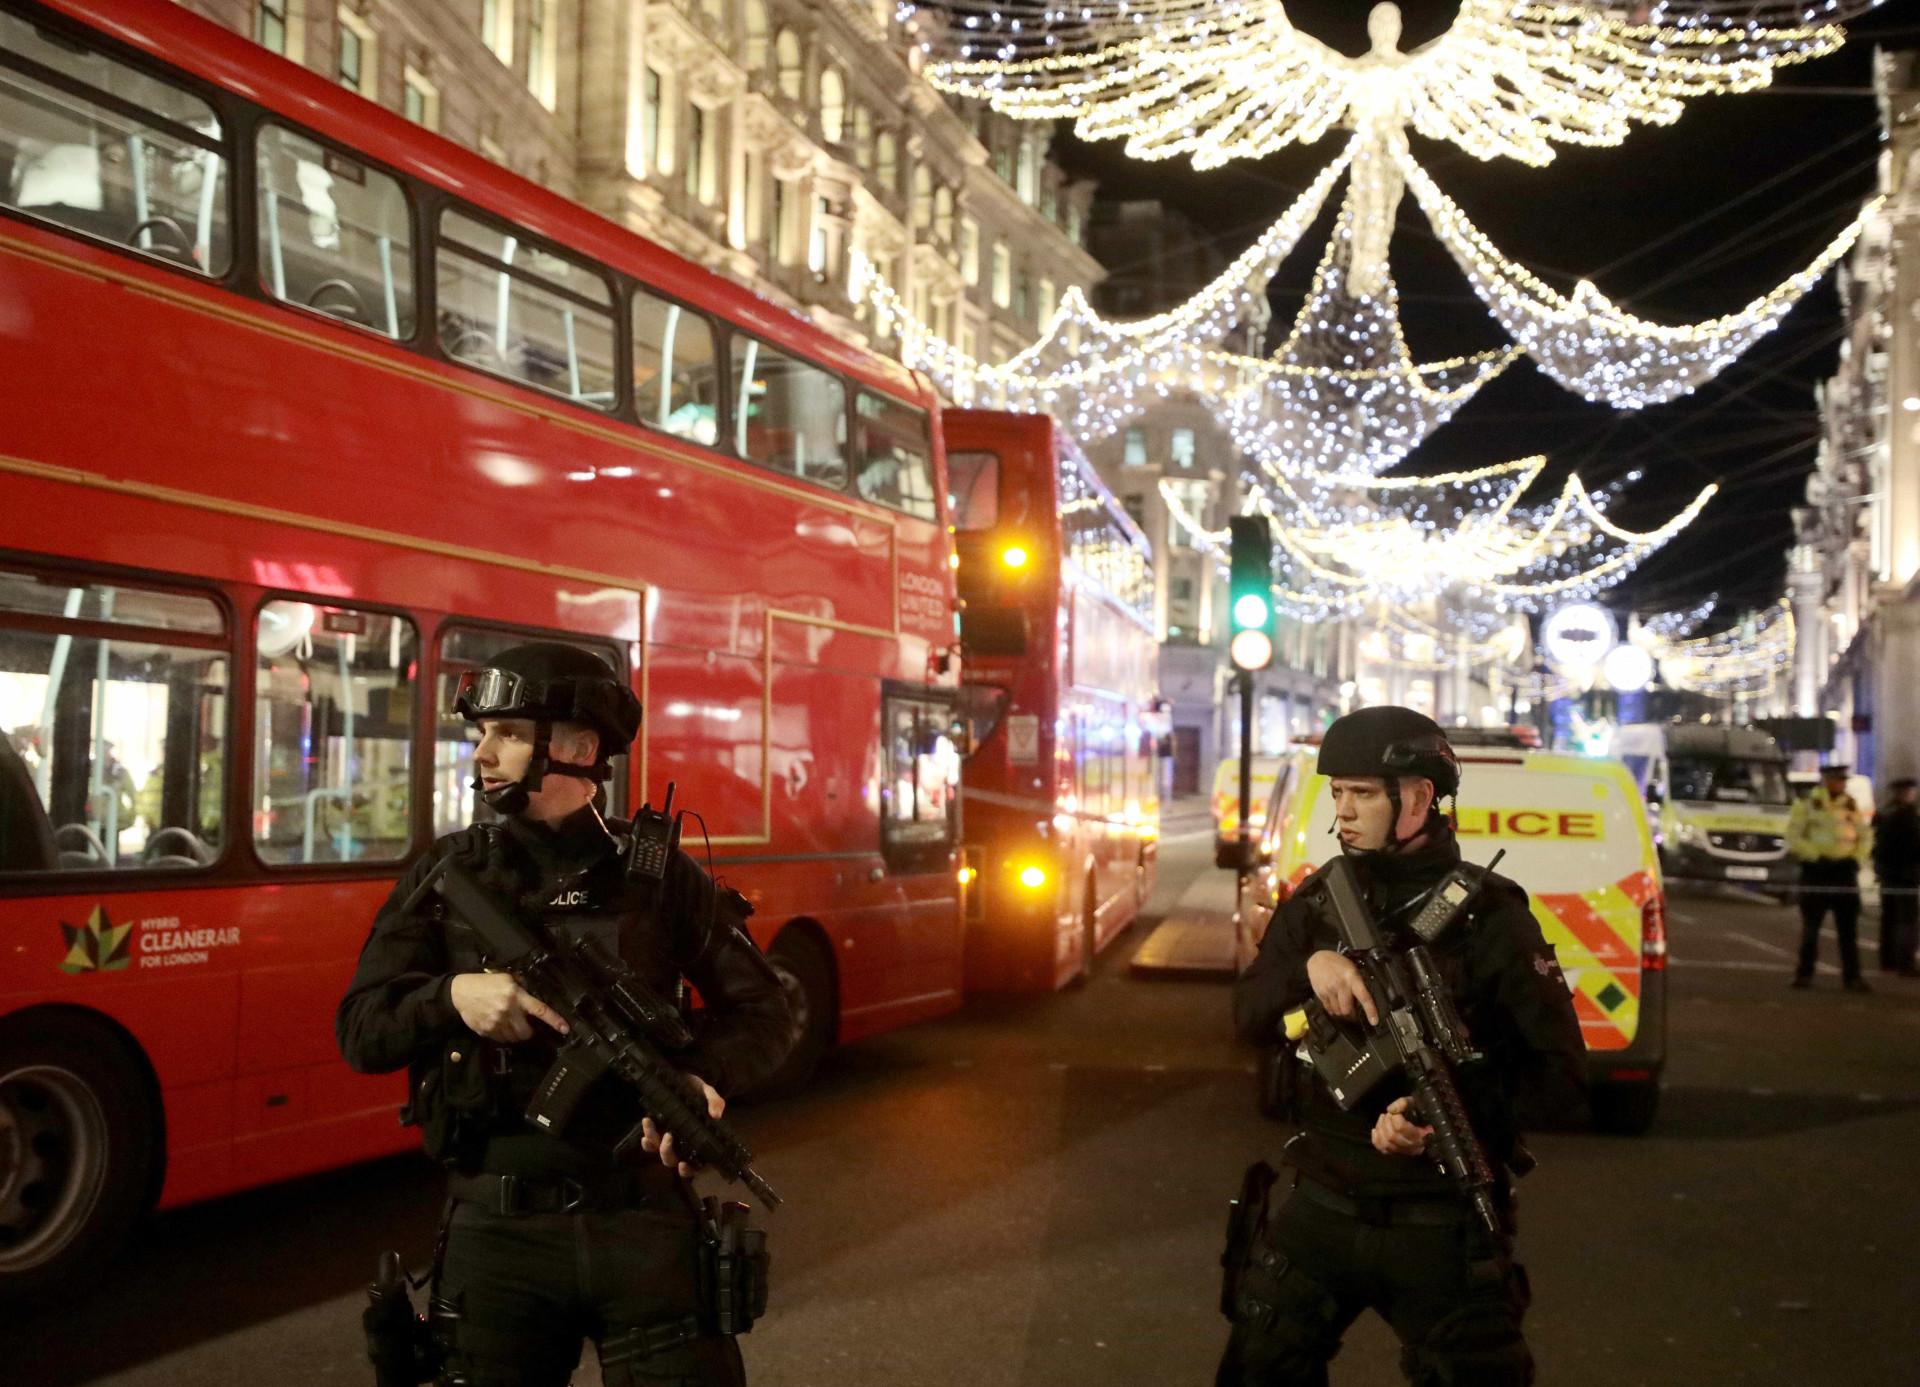 Londres regressa à normalidade após 'susto' em estações de metro